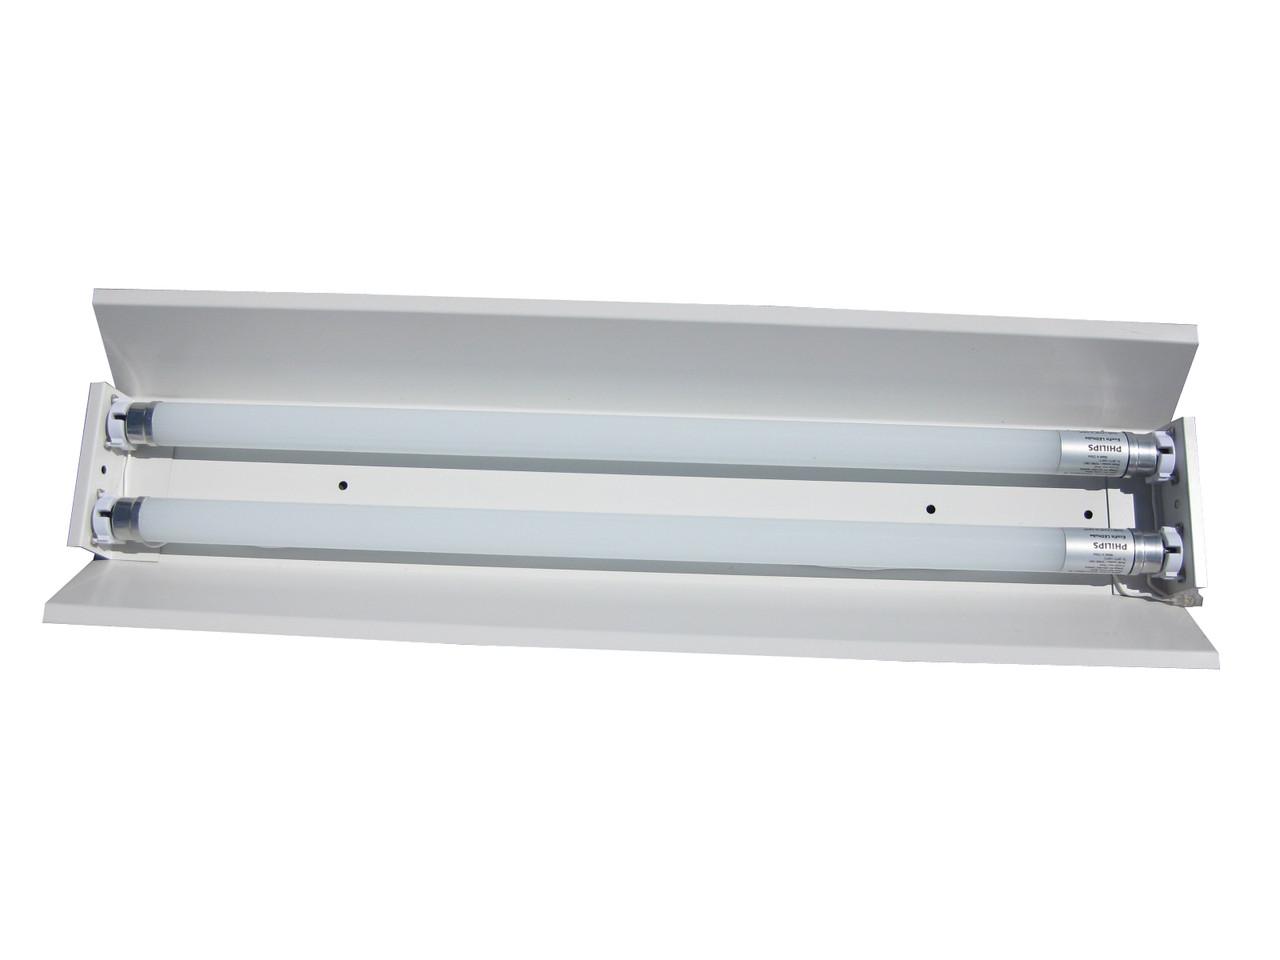 Светильник трассовый открытый под led лампы Т-8 2х120см. СПВ-02 (1200)